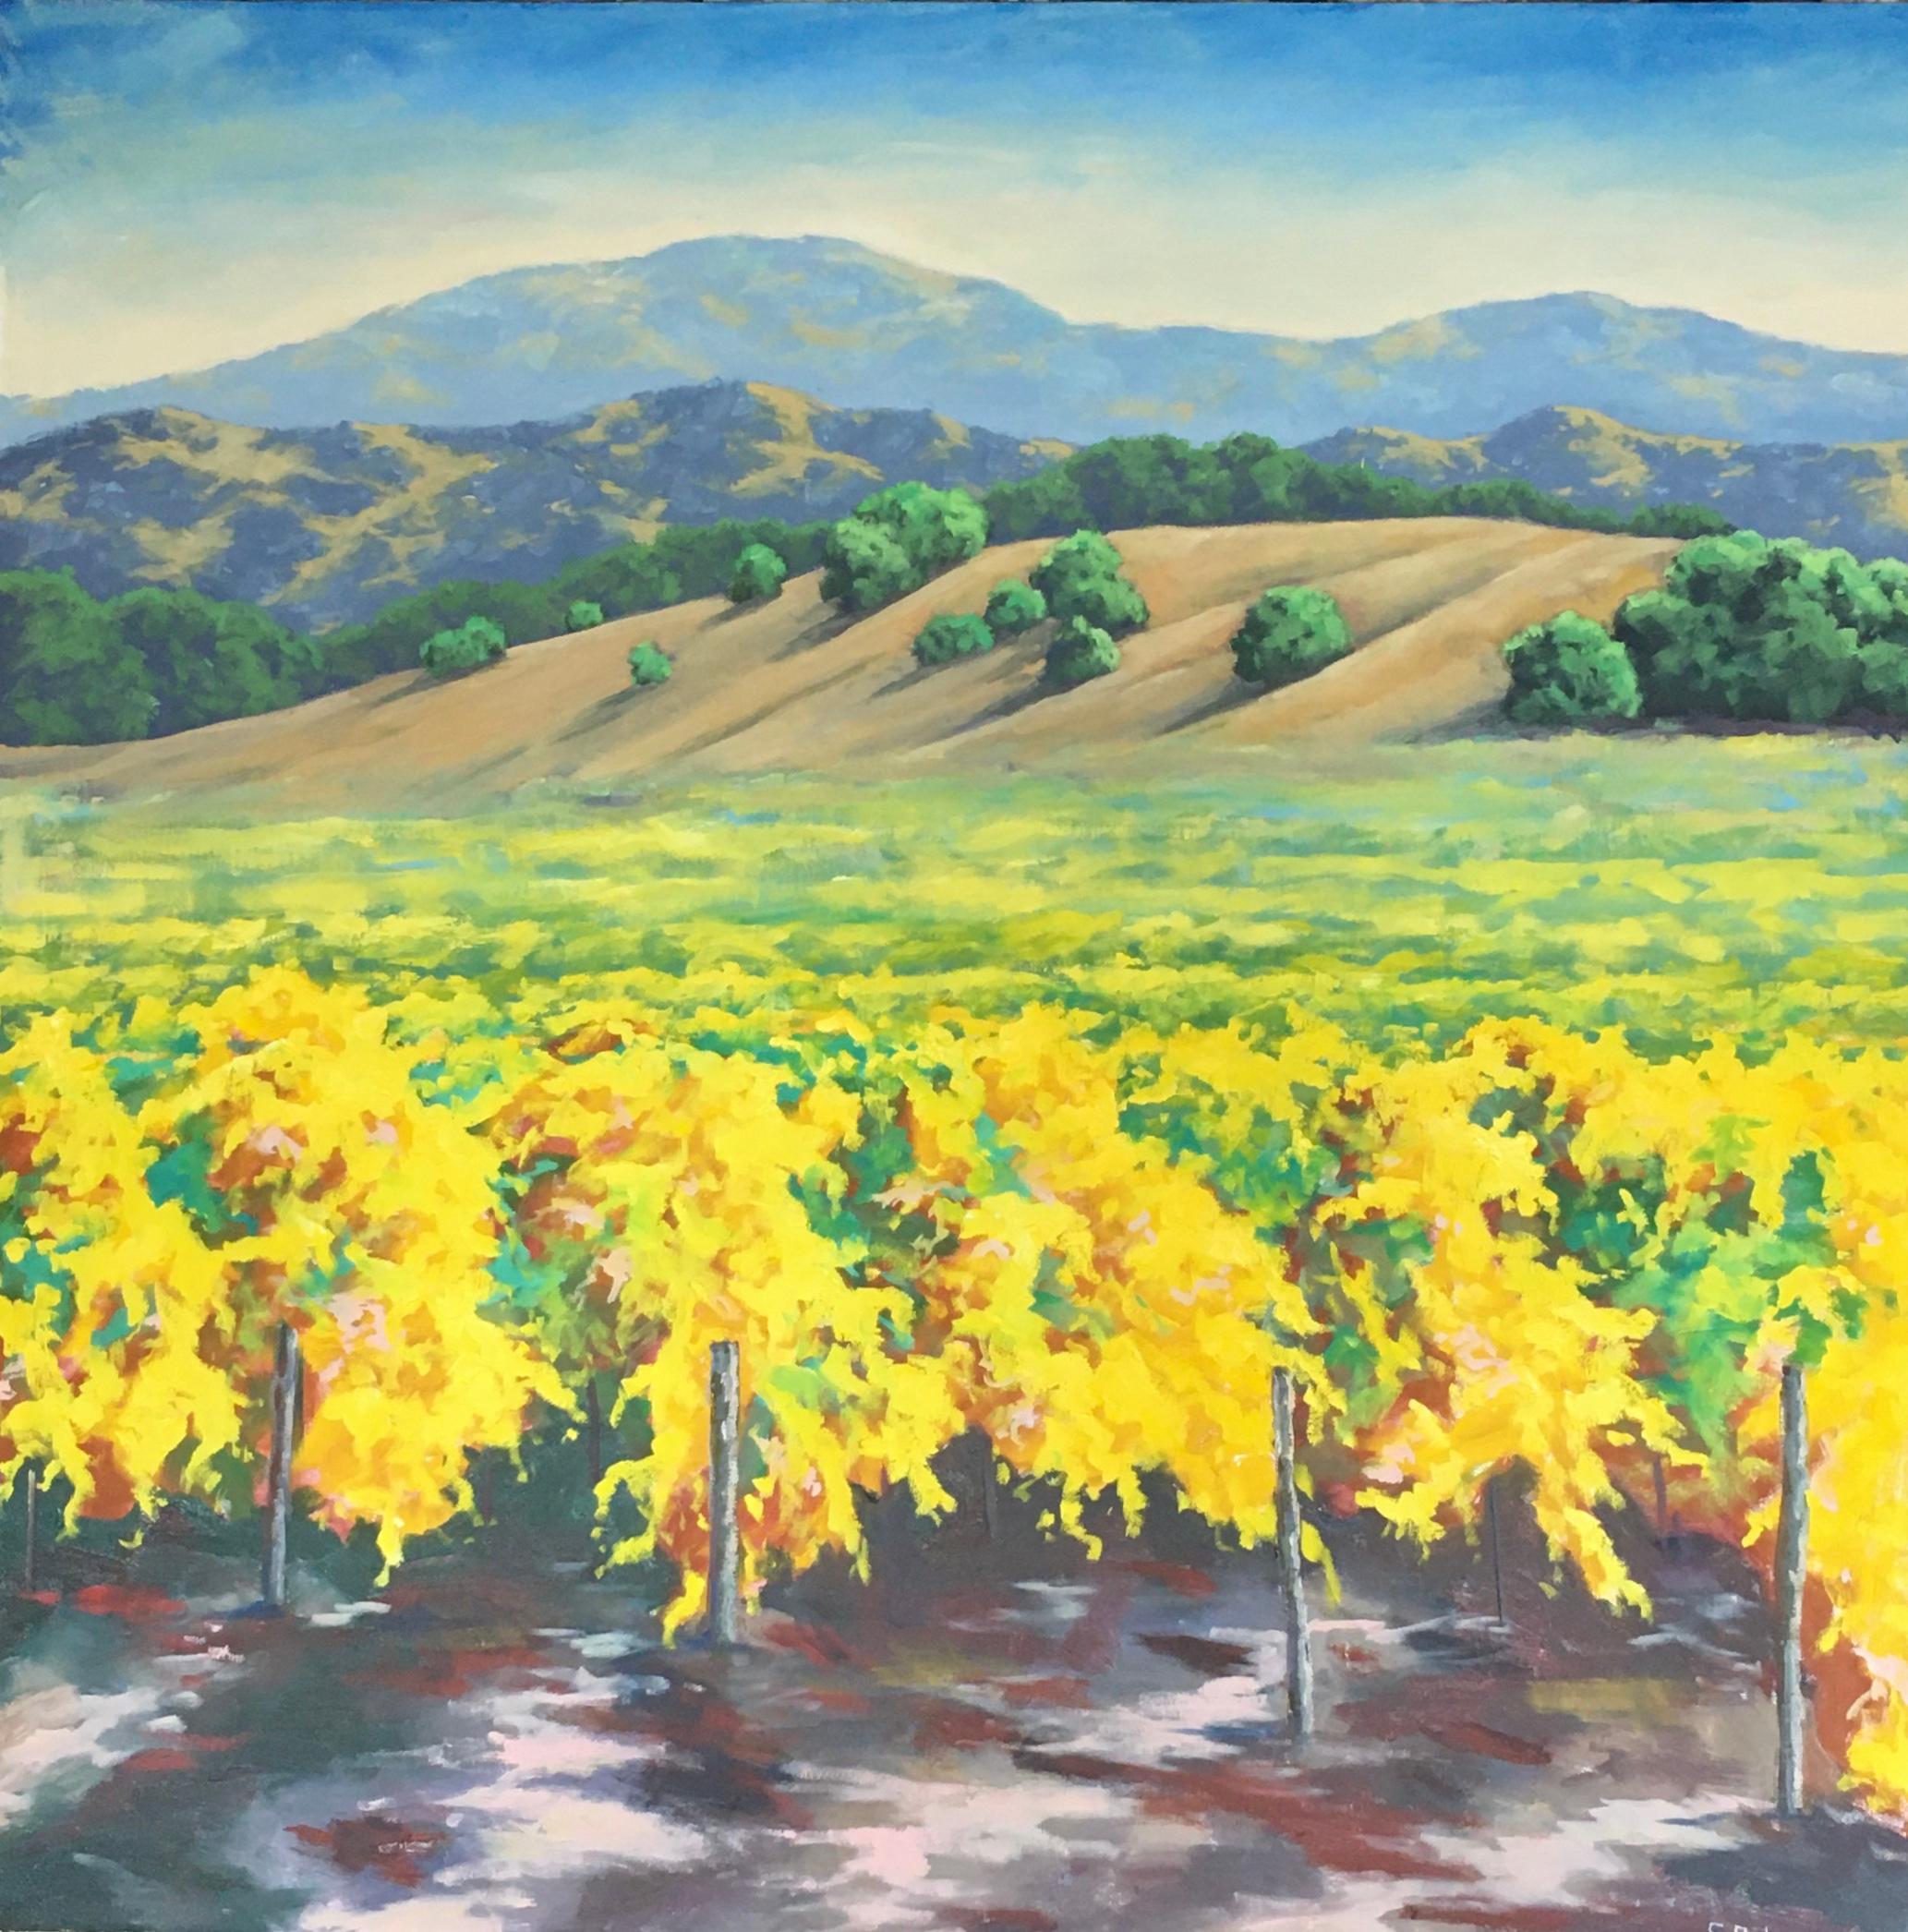 Autumn Vineyard, Oil Painting